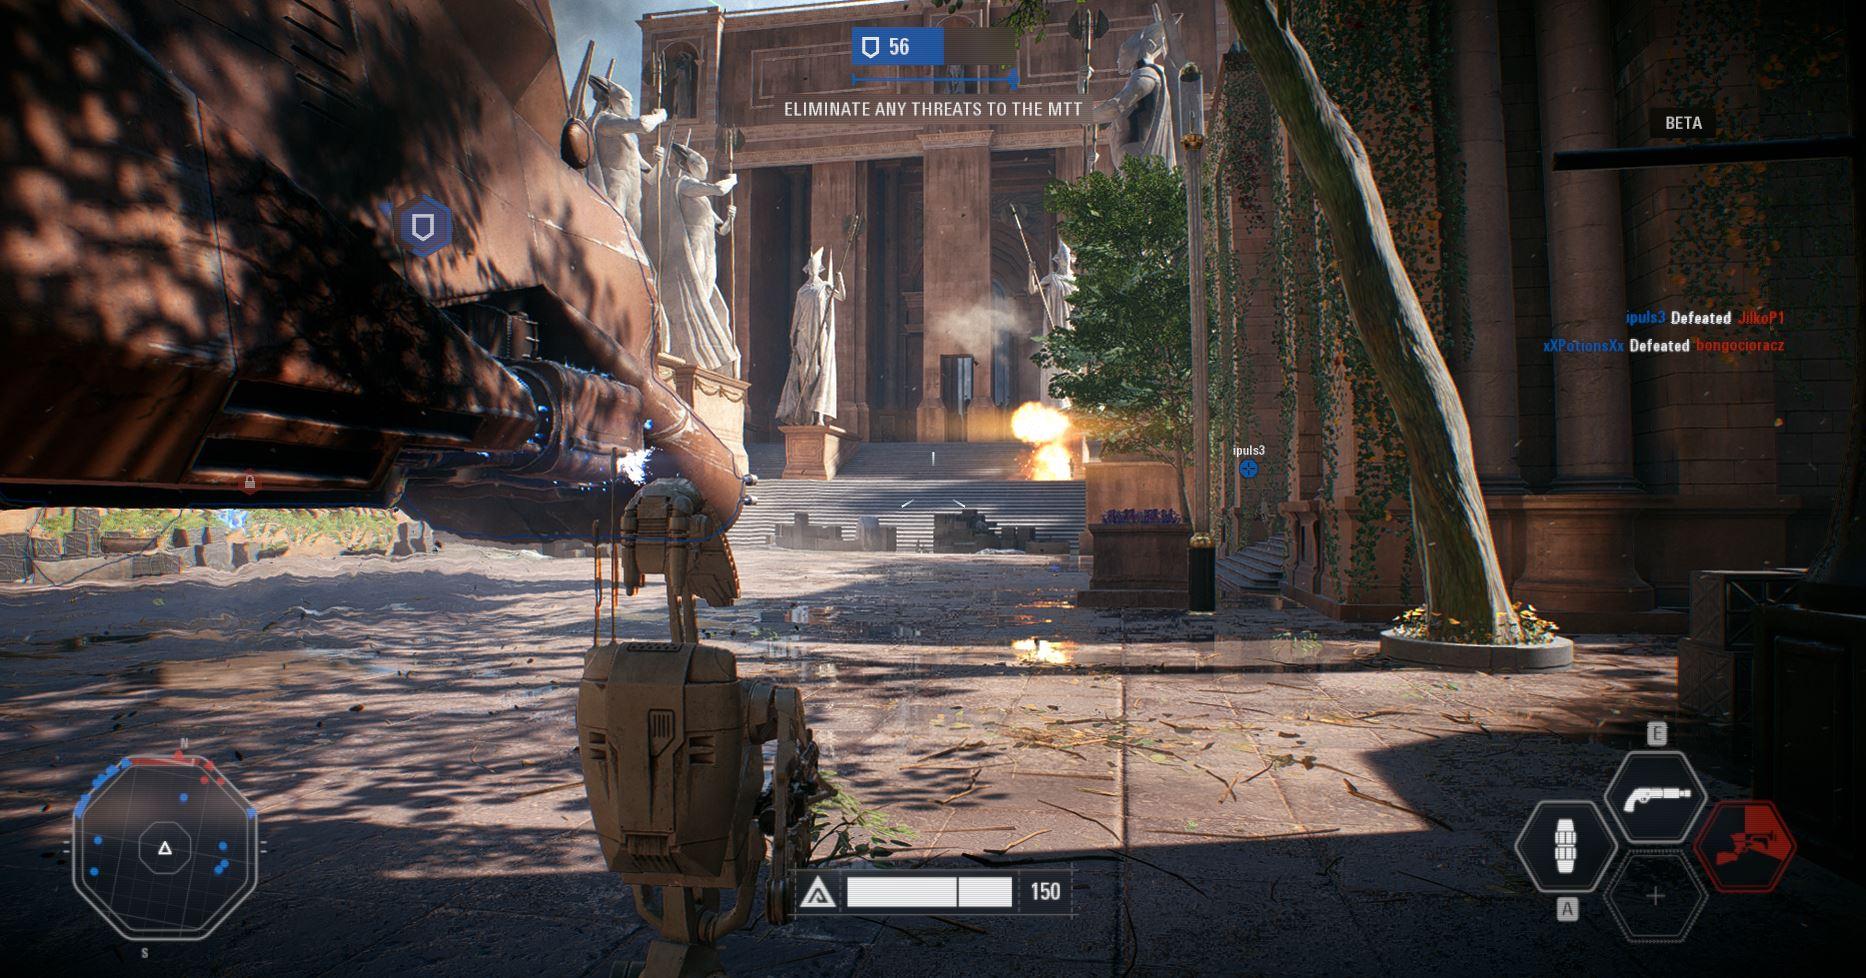 star wars battlefront 2 beta galactic assault